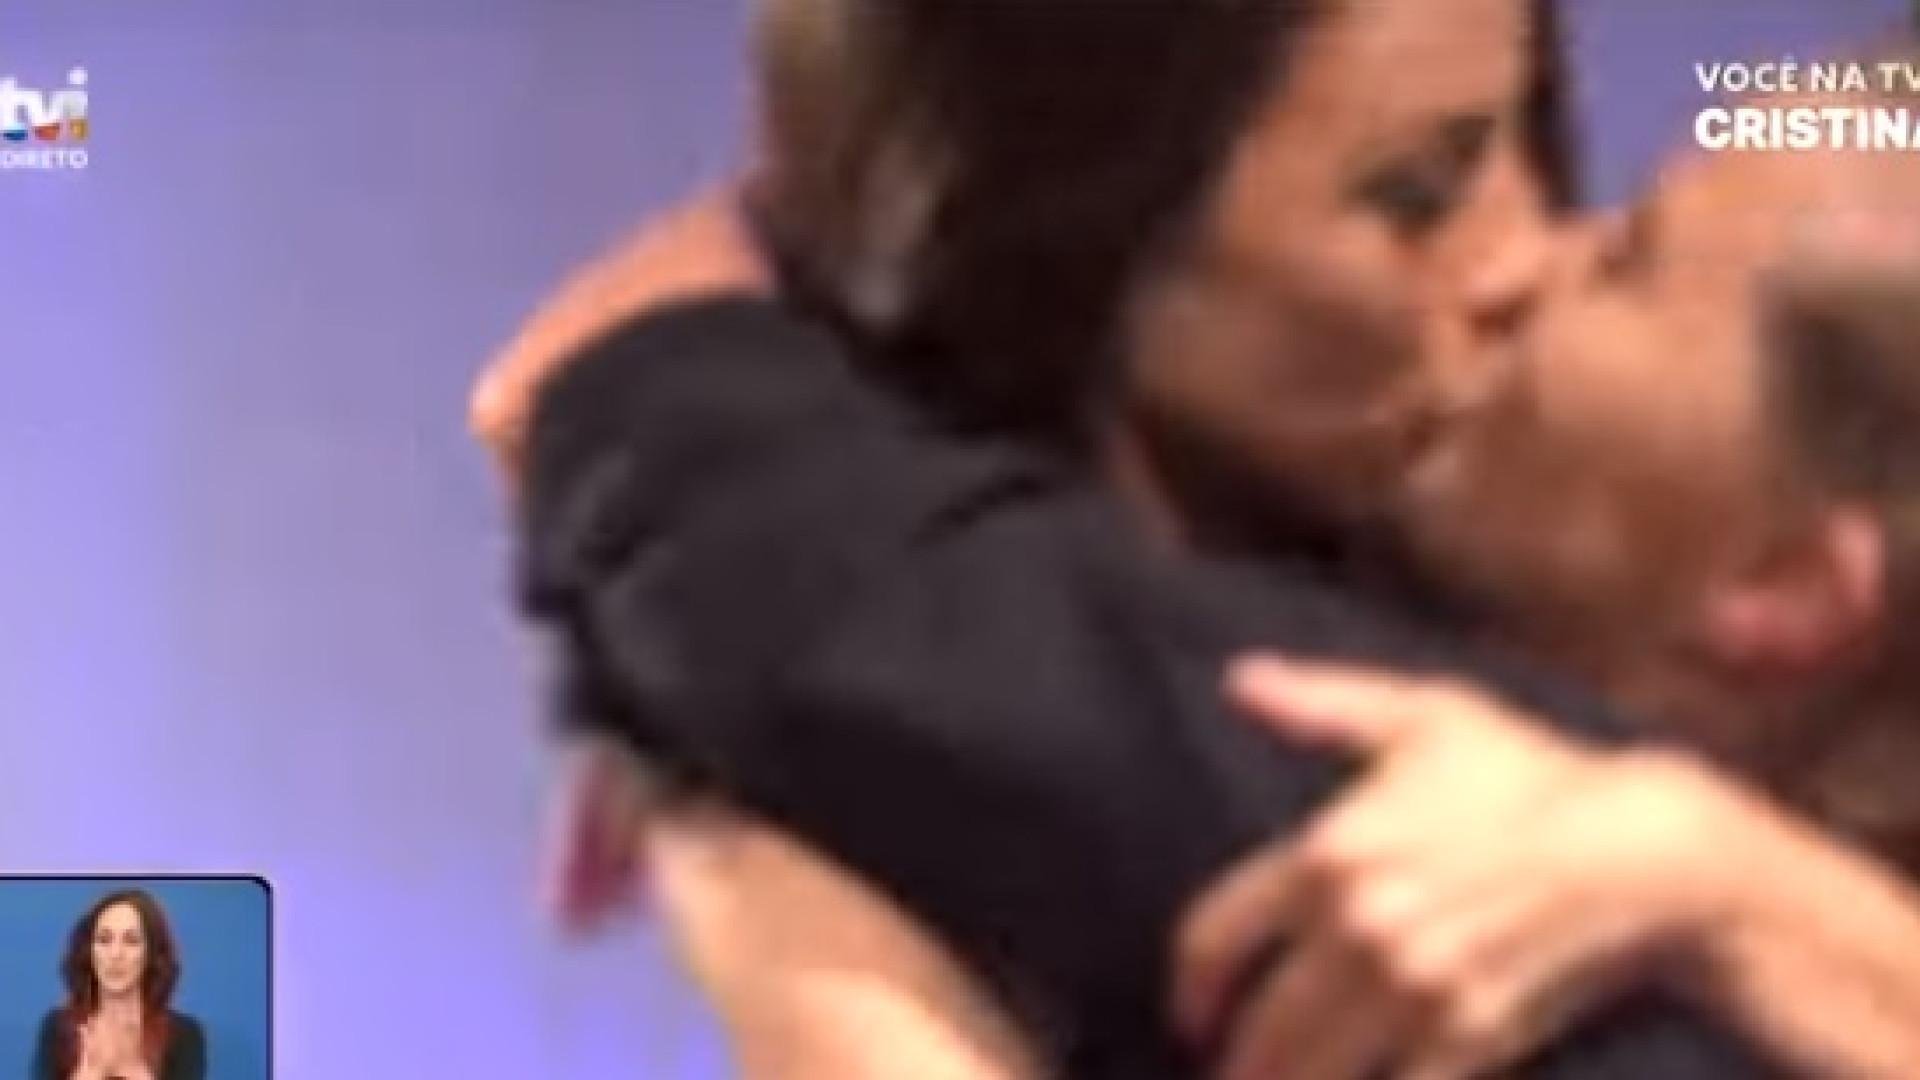 Filomena Cautela surpreende Cristina Ferreira com beijo na boca